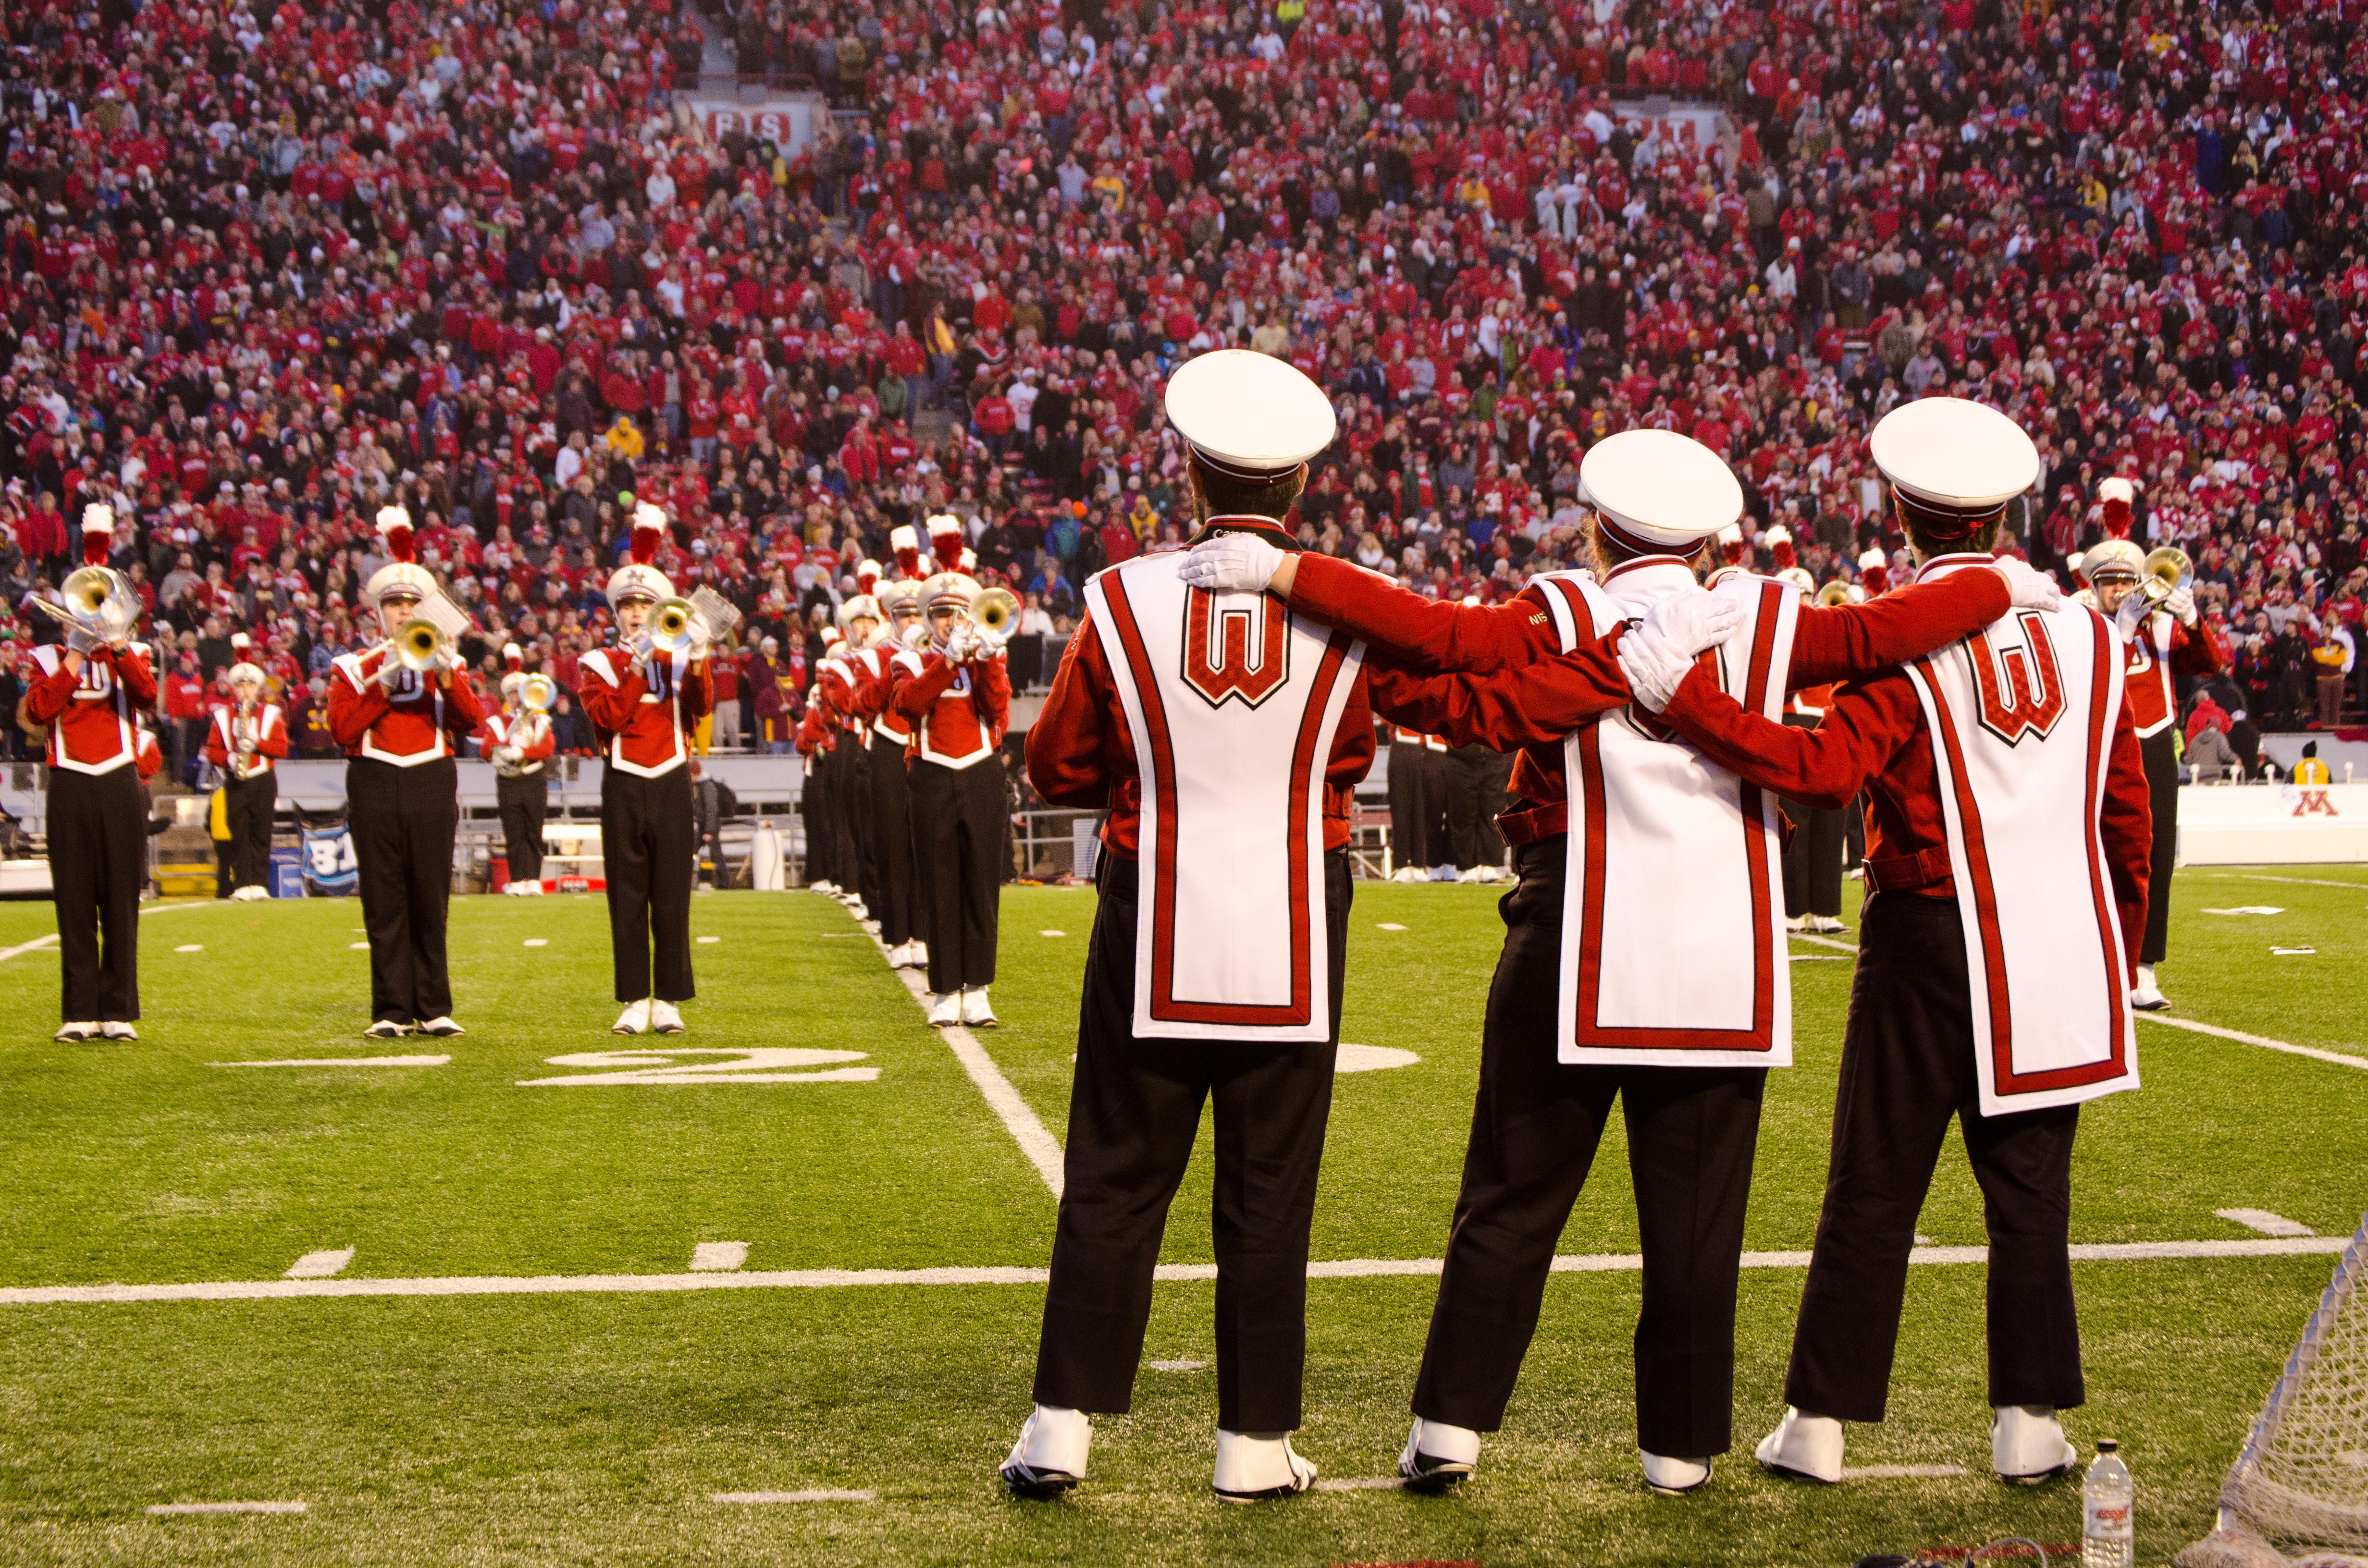 Uw band